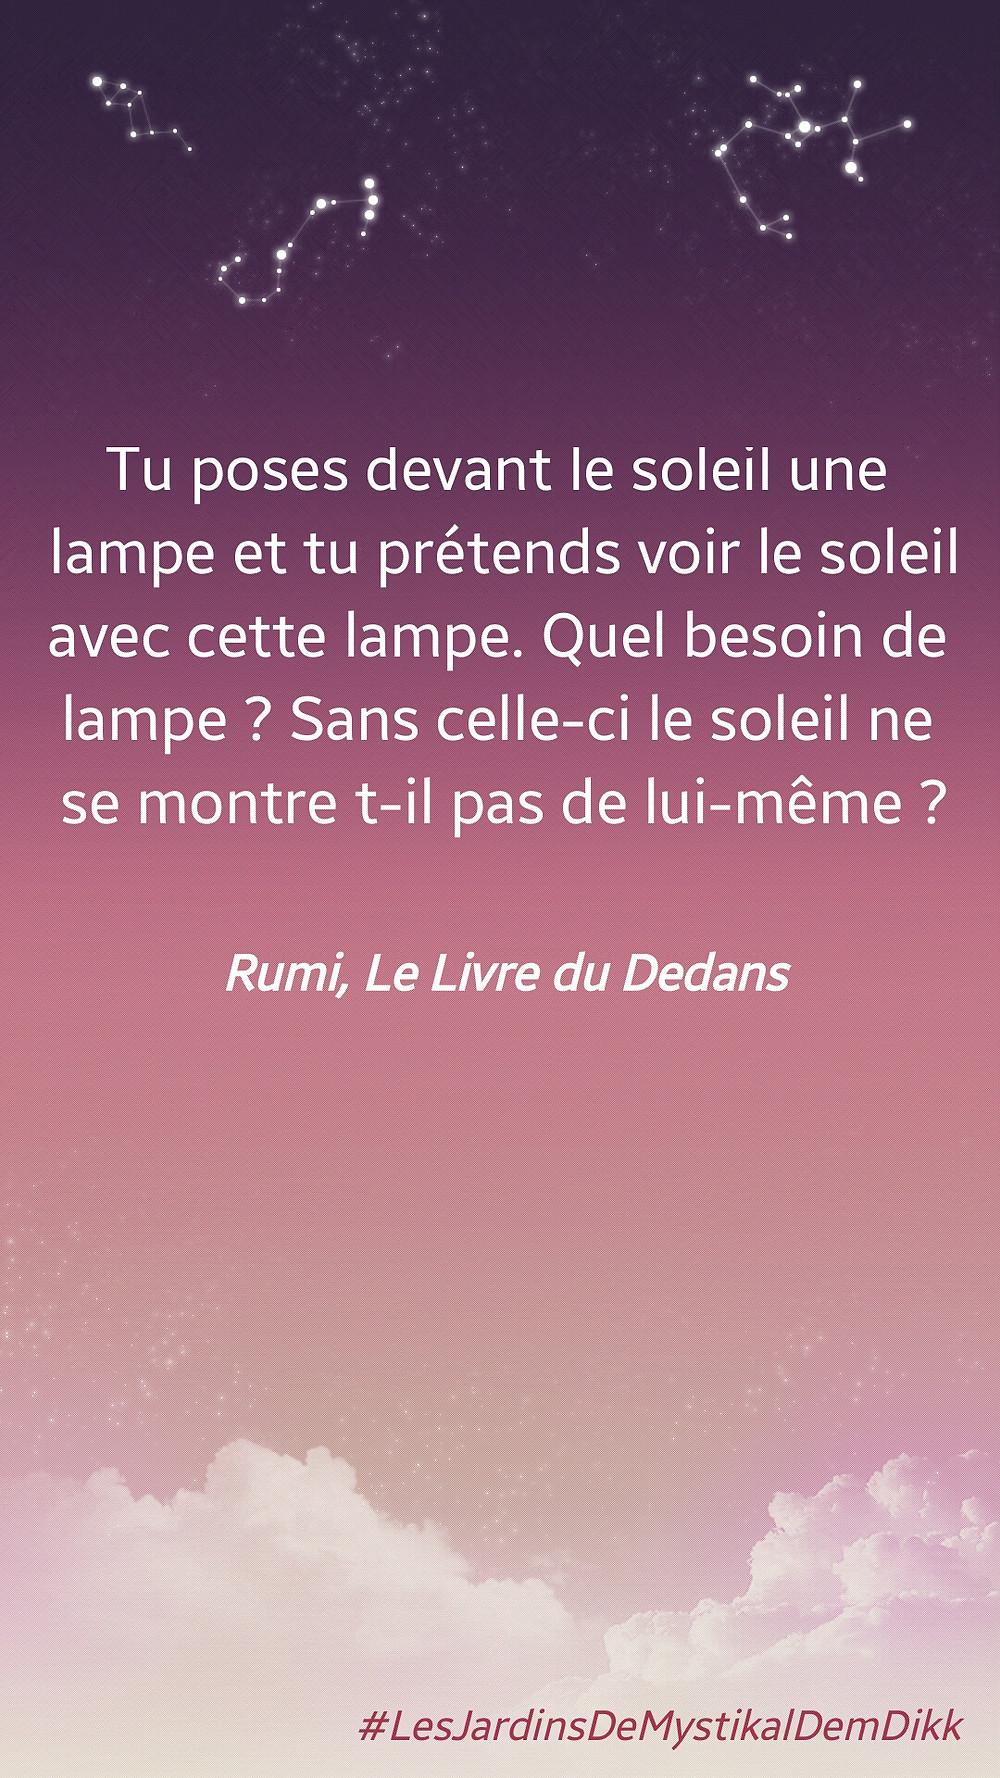 Rumi, Le Livre du Dedans